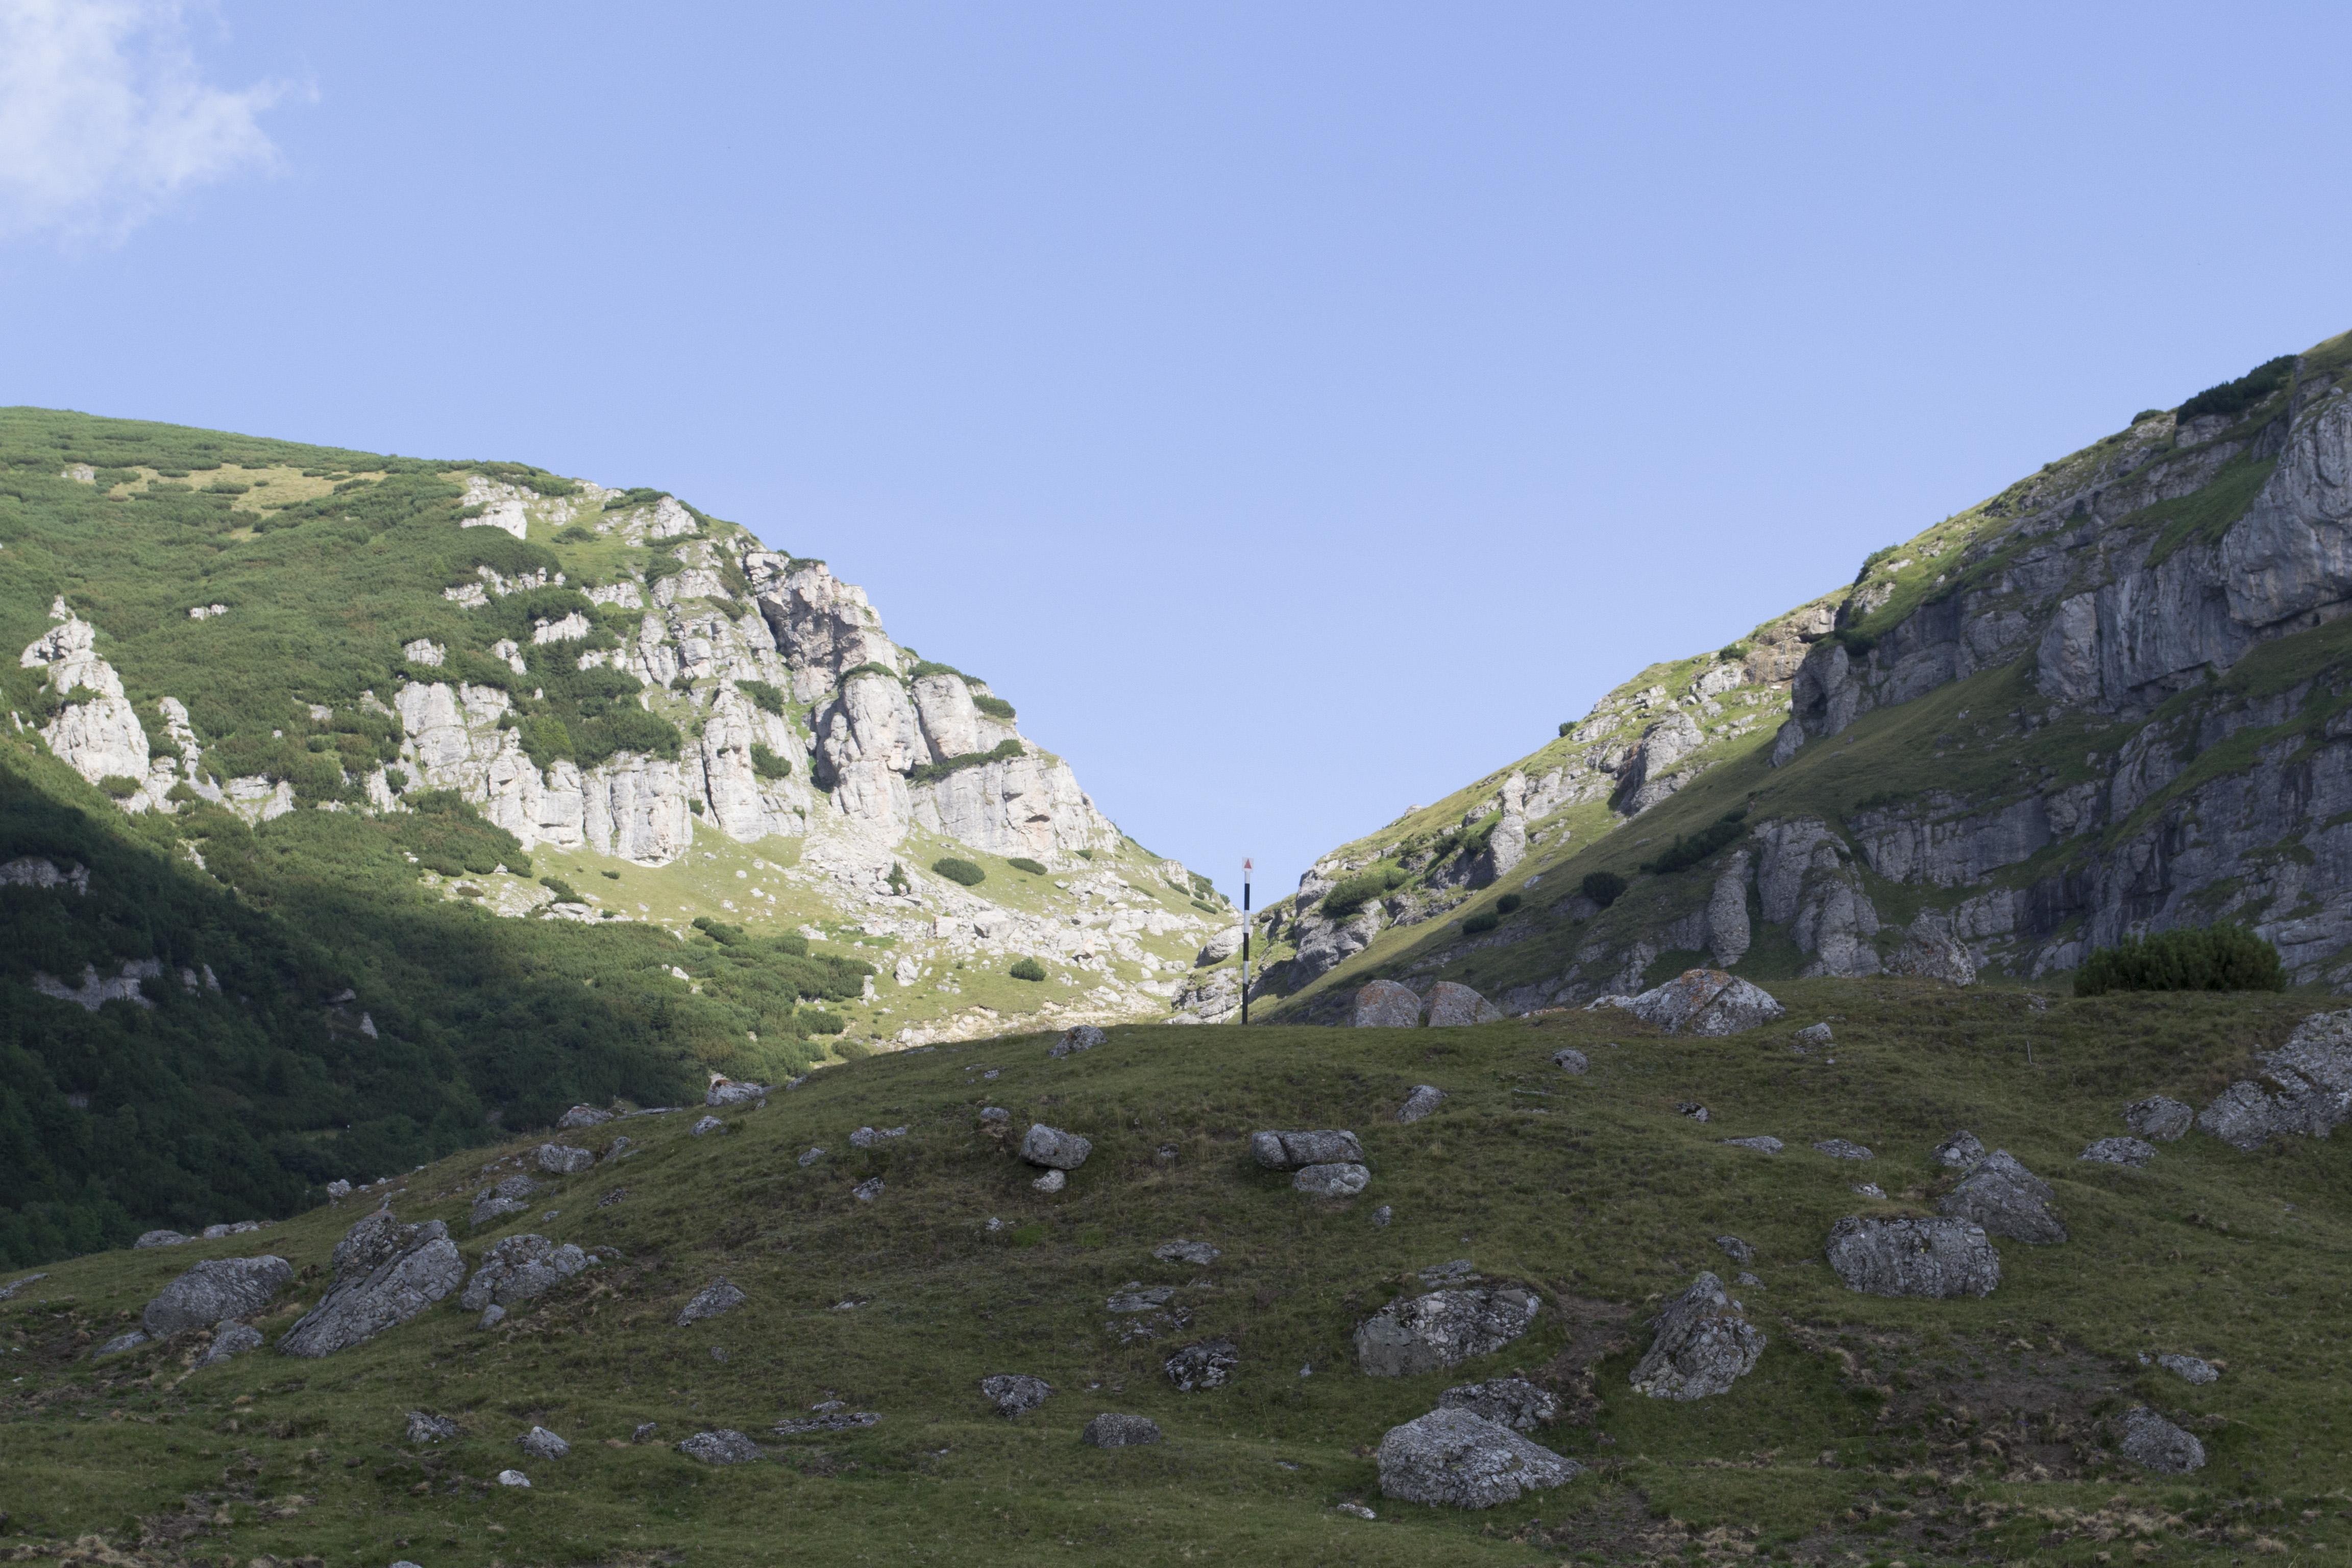 Tura de relaxare in jurul muntelui Batrana